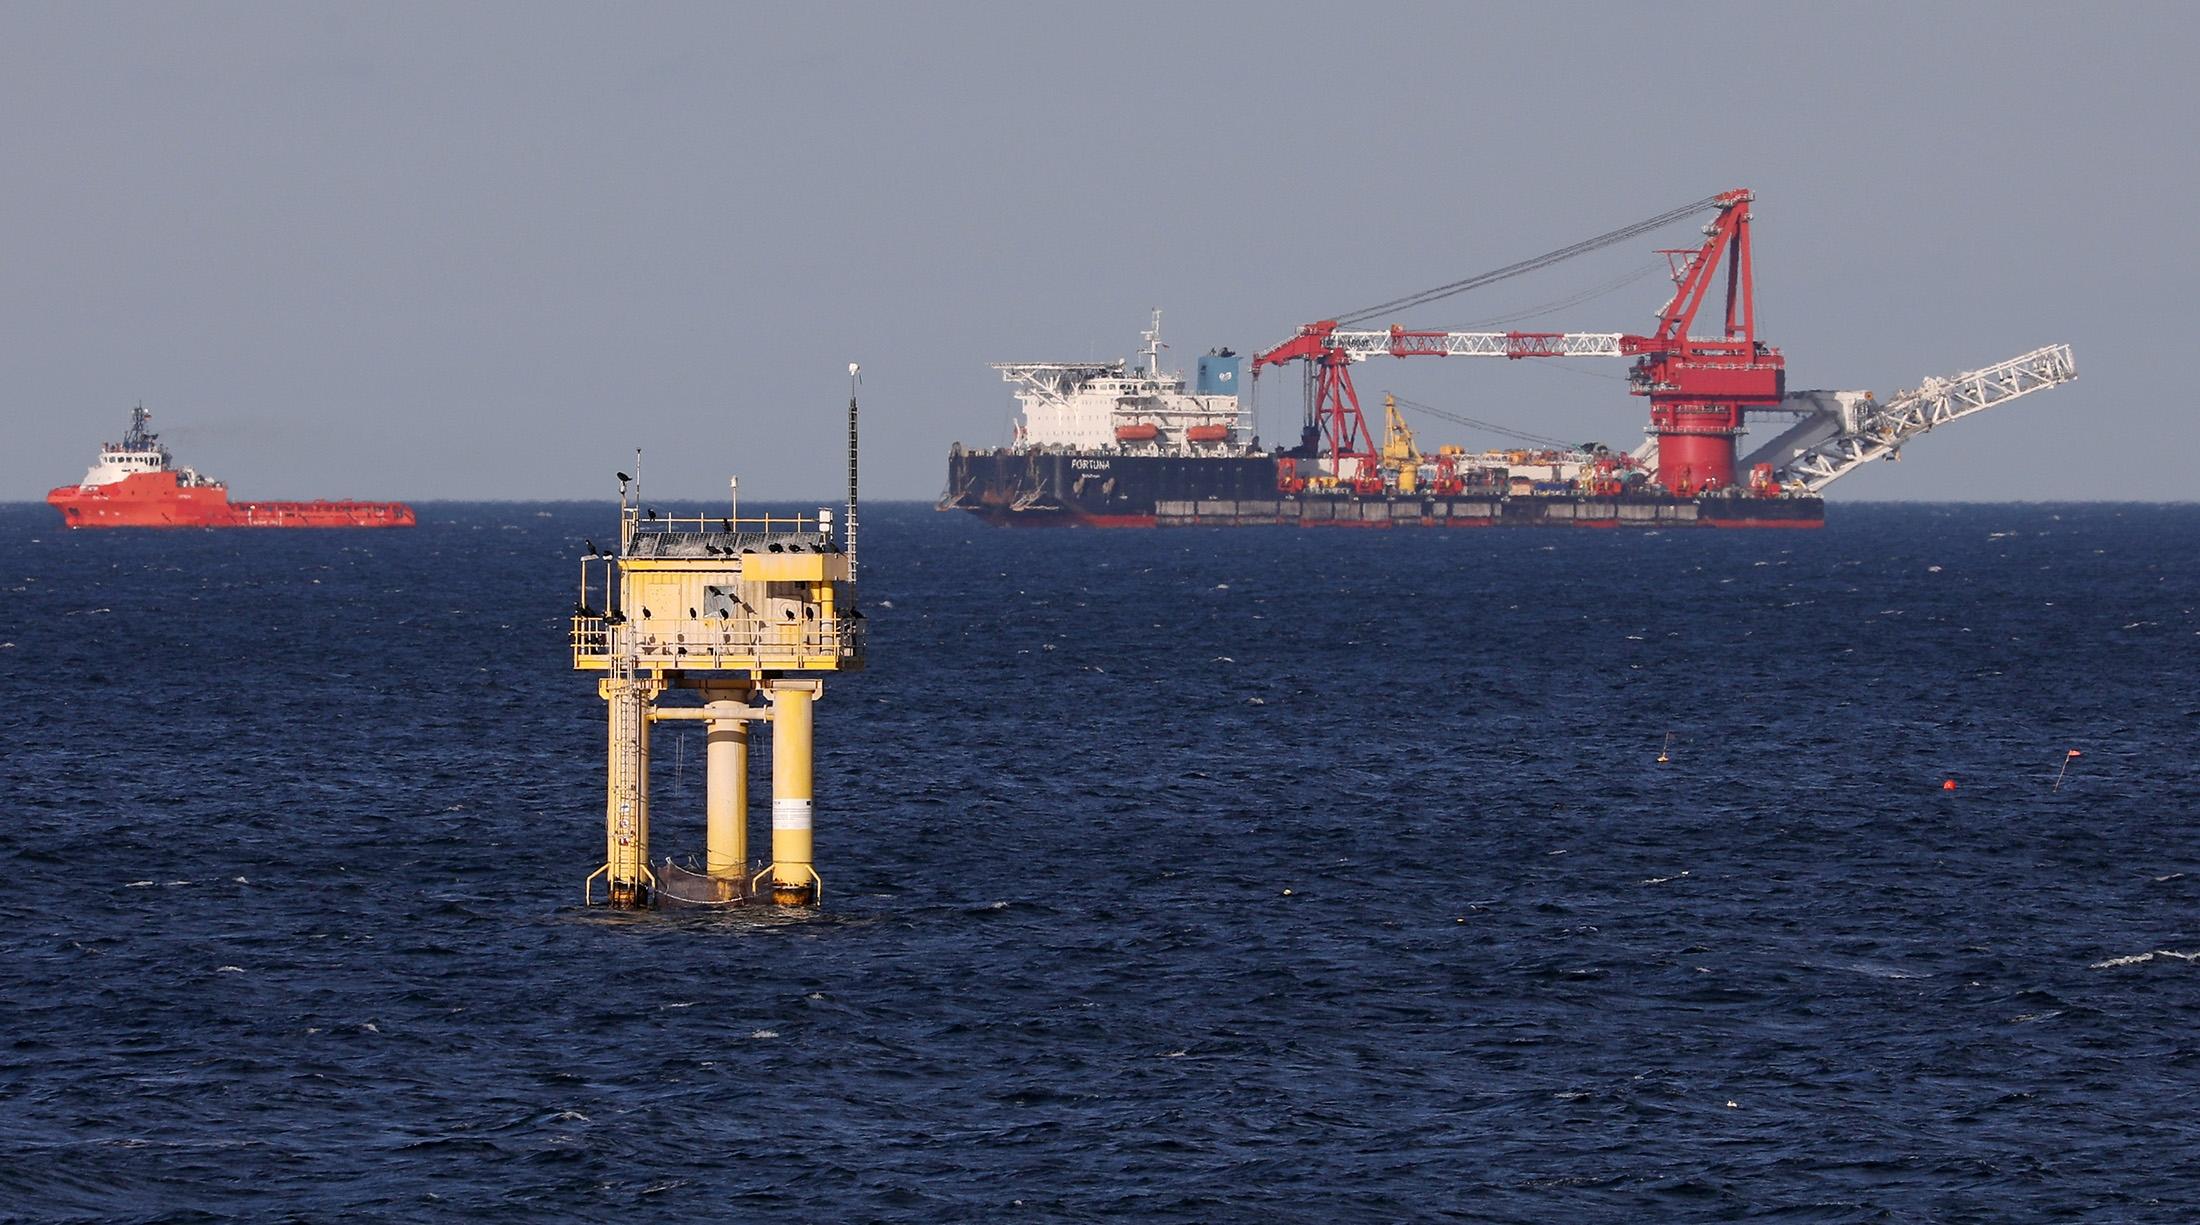 Nord Stream 2: Tàu Nga bắt đầu công việc hoàn thiện đường ống dẫn khí đốt ở vùng biển Đan Mạch, bất chấp đe doạ của Mỹ